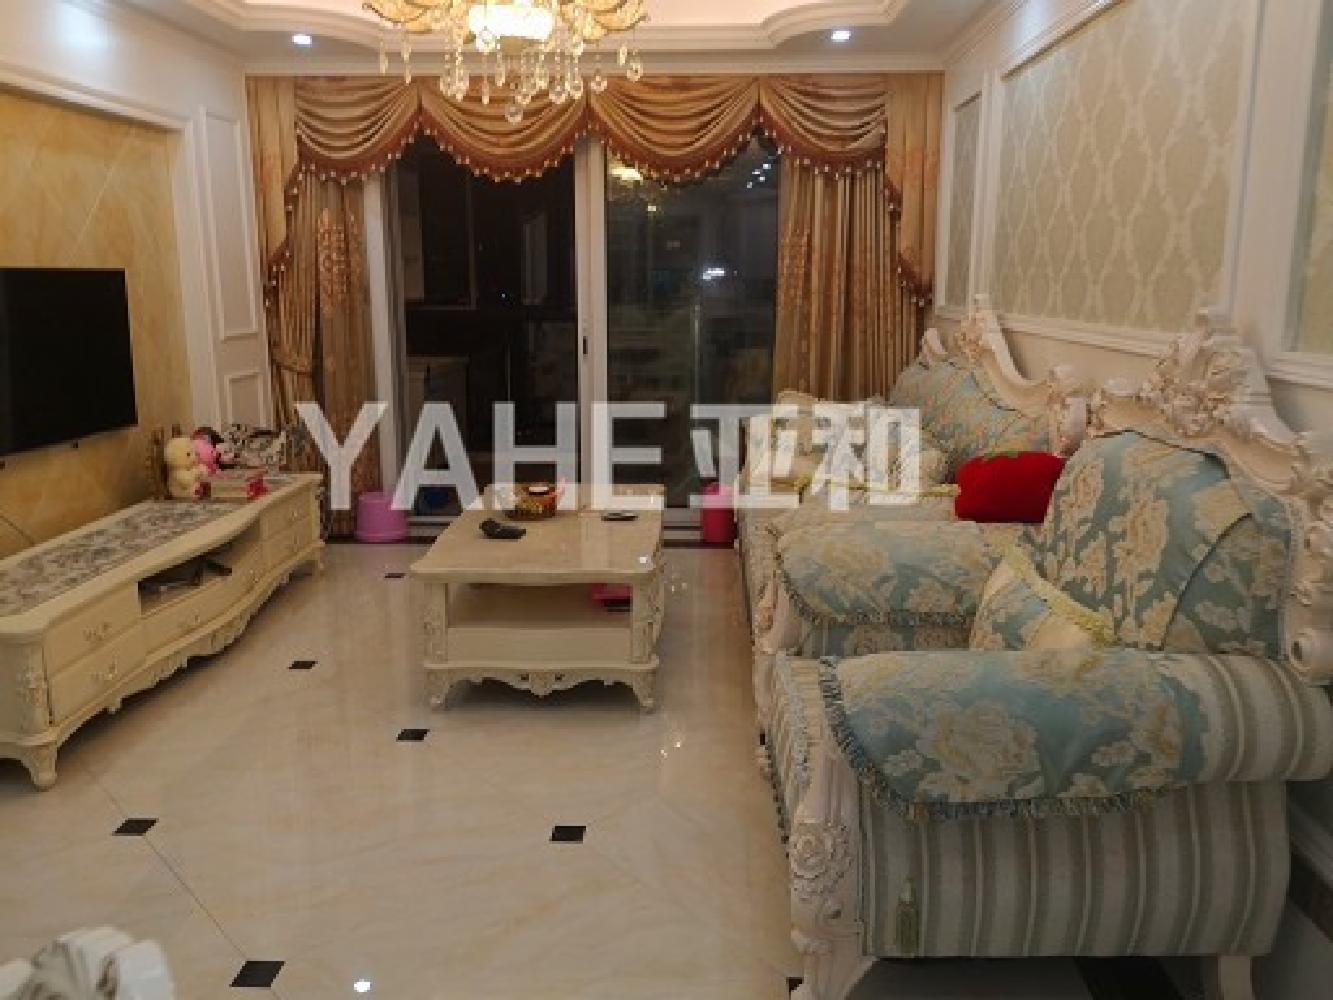 紫荆公寓、离梦想很近实现舒适三房体验奢华生活新婚首选